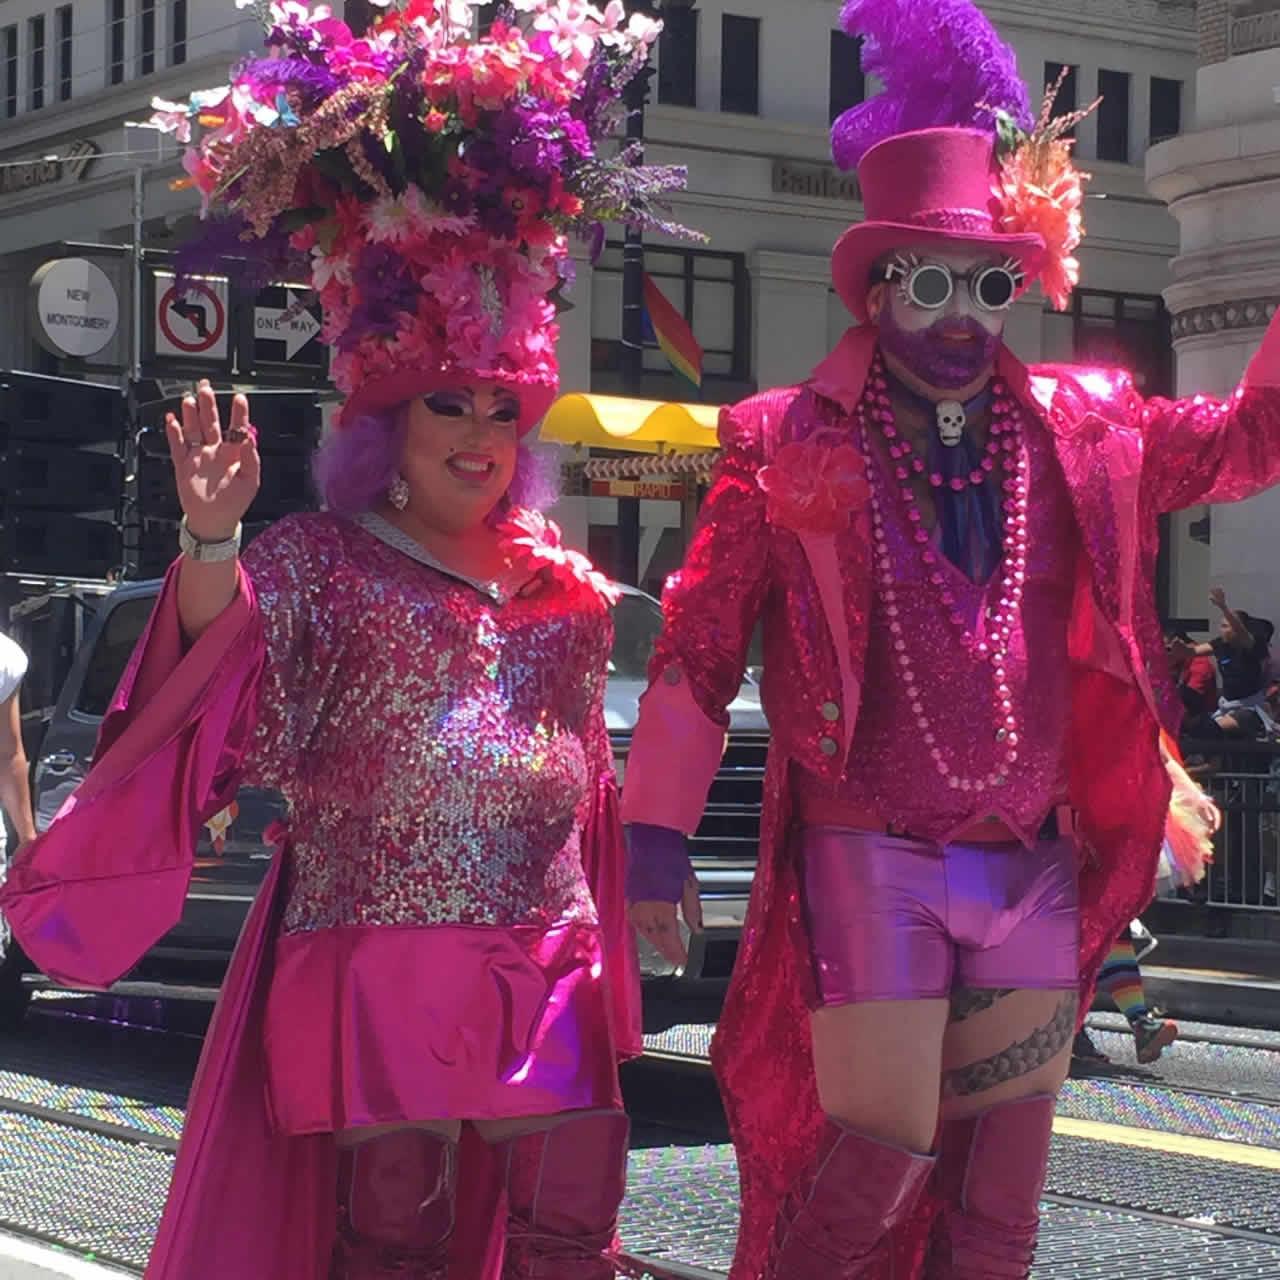 """<div class=""""meta image-caption""""><div class=""""origin-logo origin-image none""""><span>none</span></div><span class=""""caption-text"""">San Francisco Pride Parade on Sunday, June 26, 2016. (KGO-TV)</span></div>"""